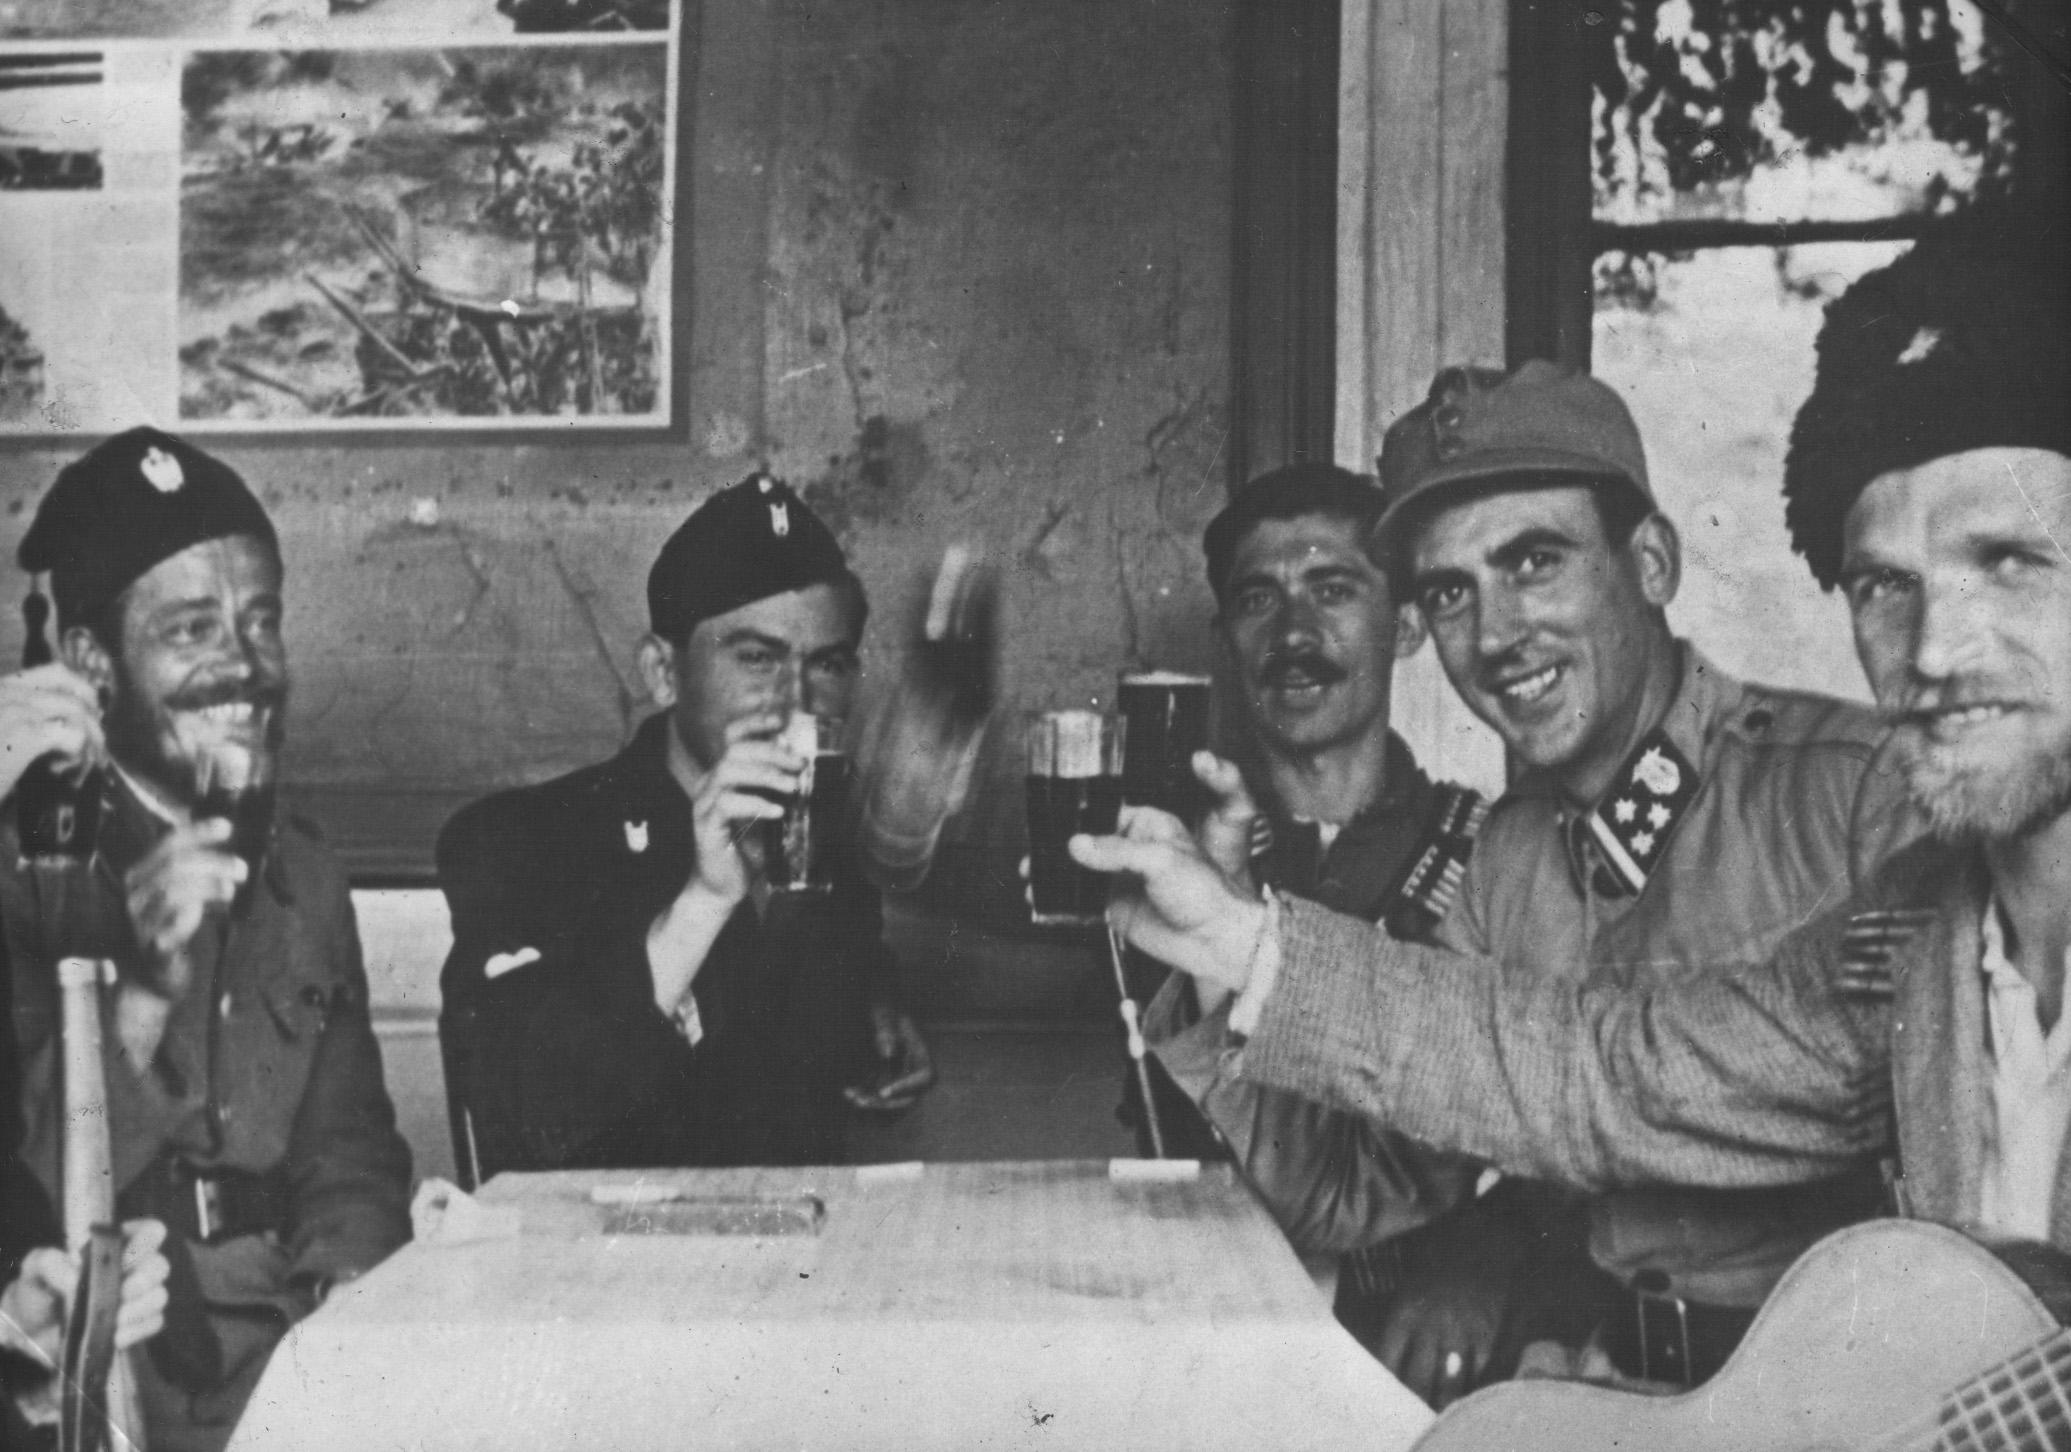 Četnici, domobrani i ustaše zajedno piju, 1942. godine (Izvor: commons.wikimedia.org, Dokumenti o izdajstvu Draže Mihailovića, knjiga I (str. 498), Beograd 1945)